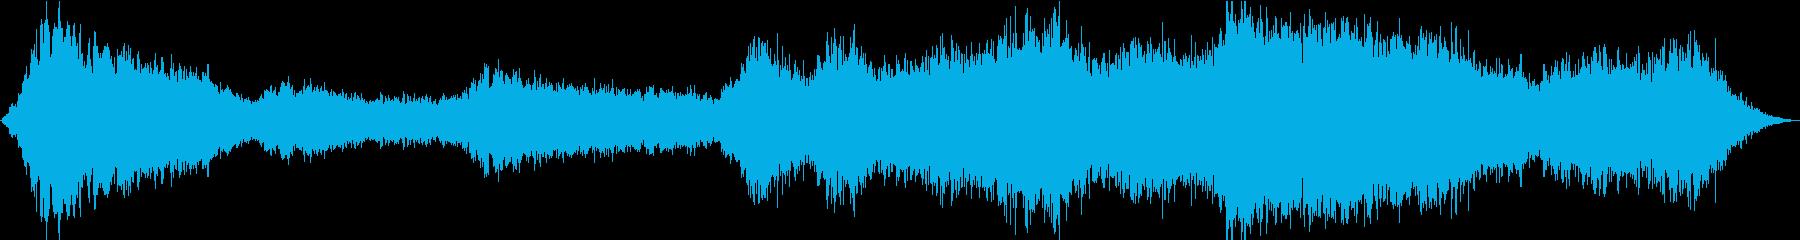 ドローン 魂のない洞窟01の再生済みの波形